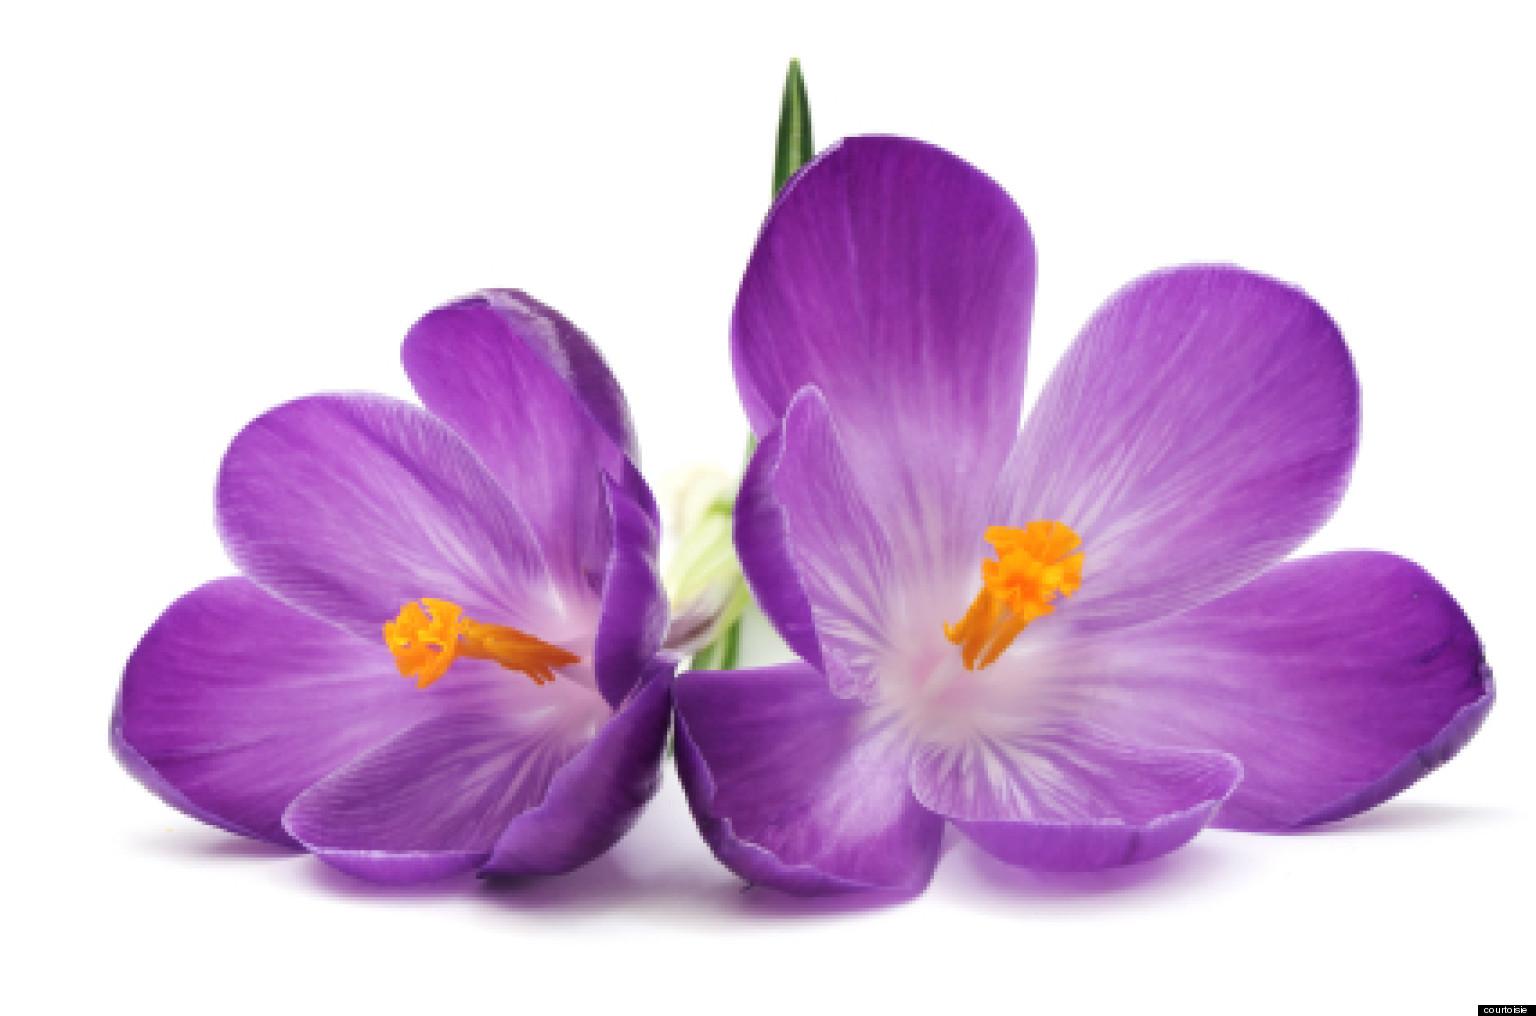 alessandra moro buronzo sant connaissez vous les fleurs de bach. Black Bedroom Furniture Sets. Home Design Ideas